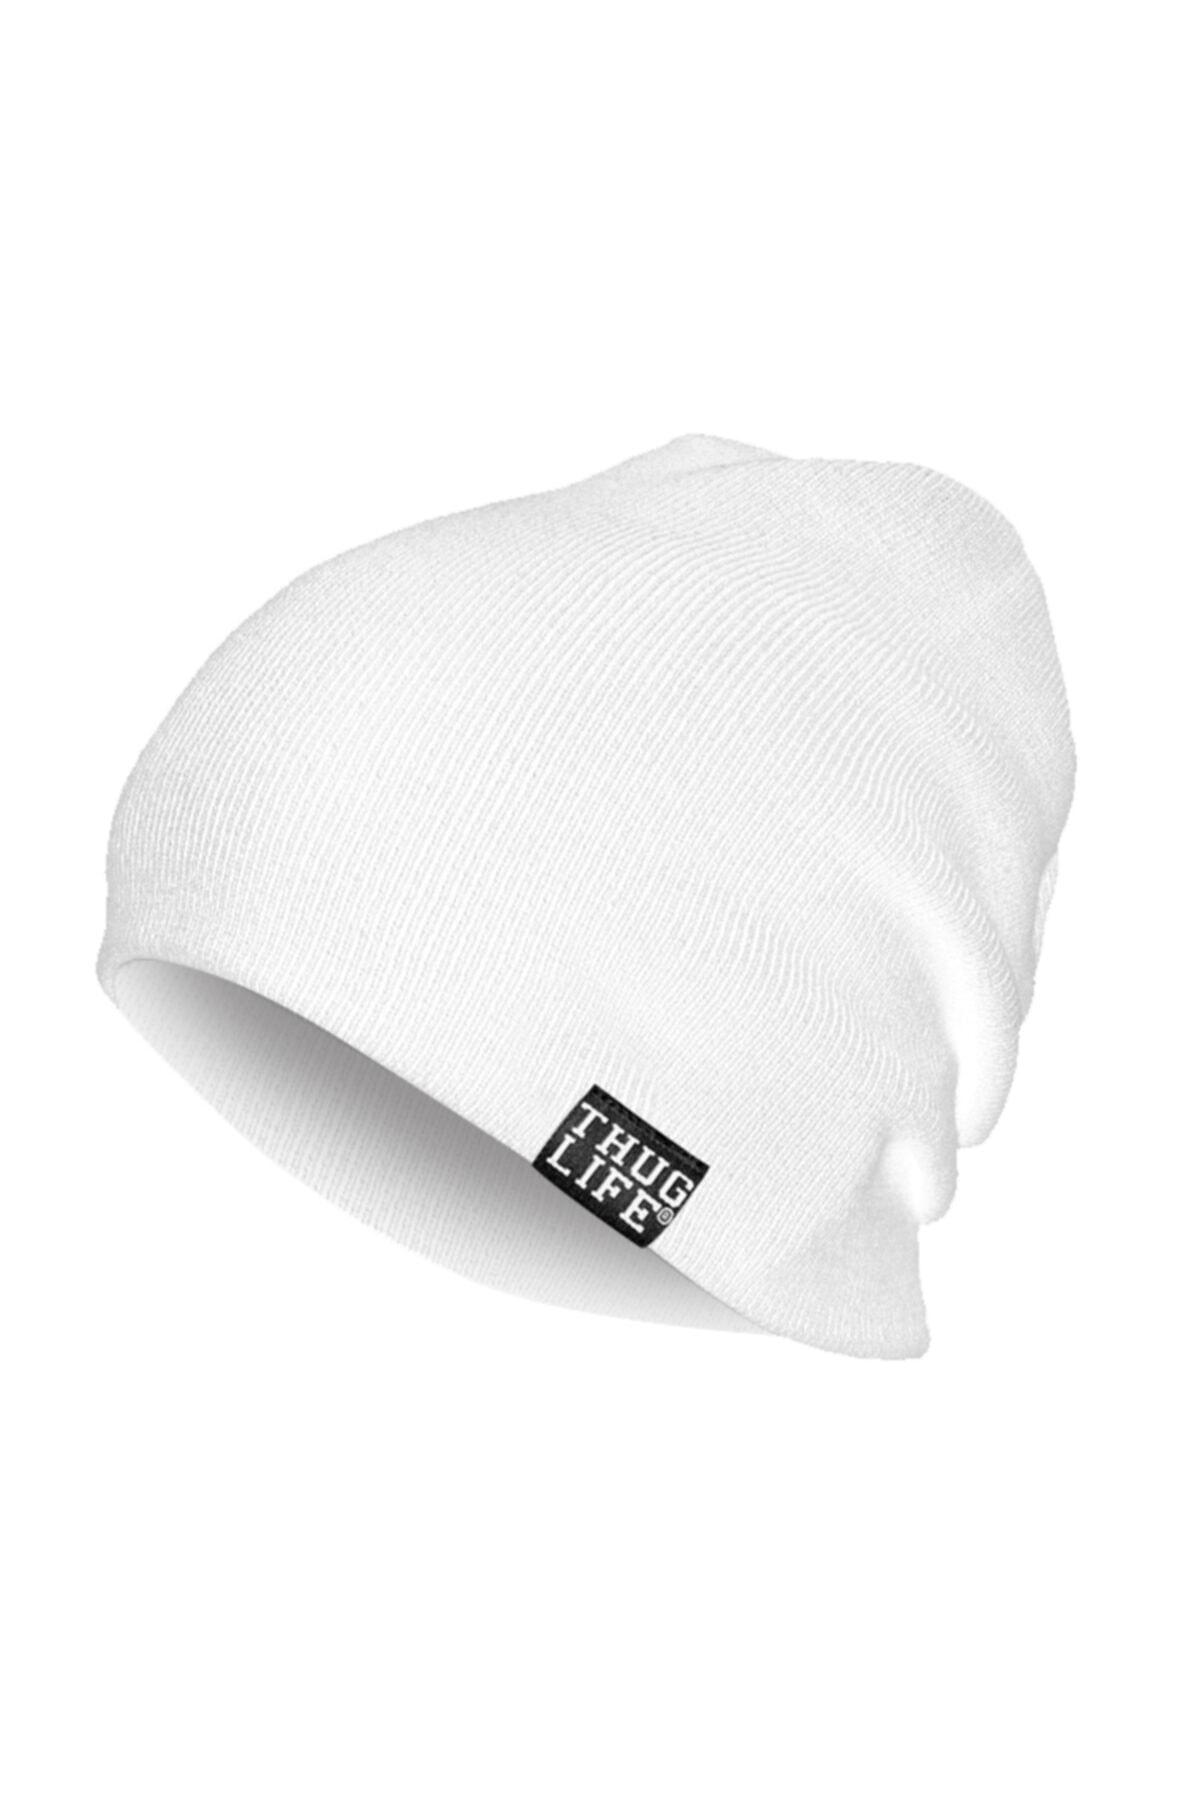 Thug Life Triko Bere Beyaz 1